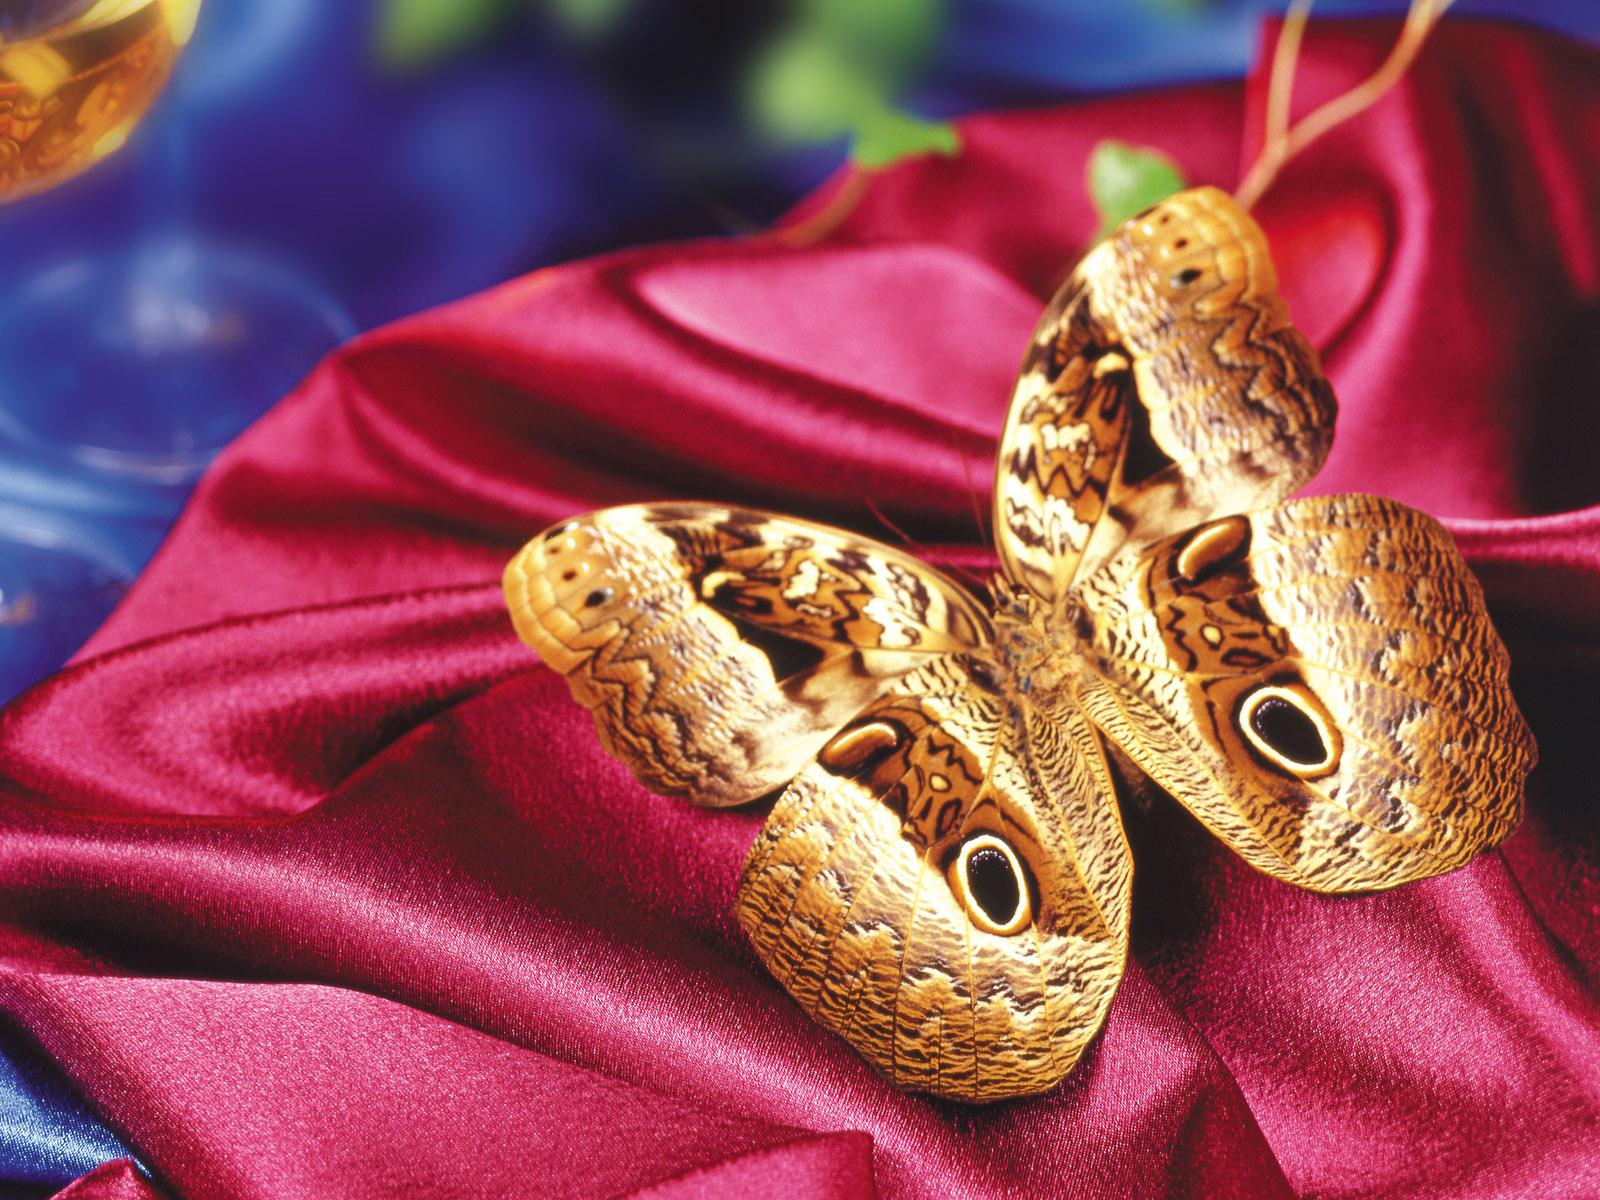 бабочка из золота на красном бархате, скачать обои на рабочий стол